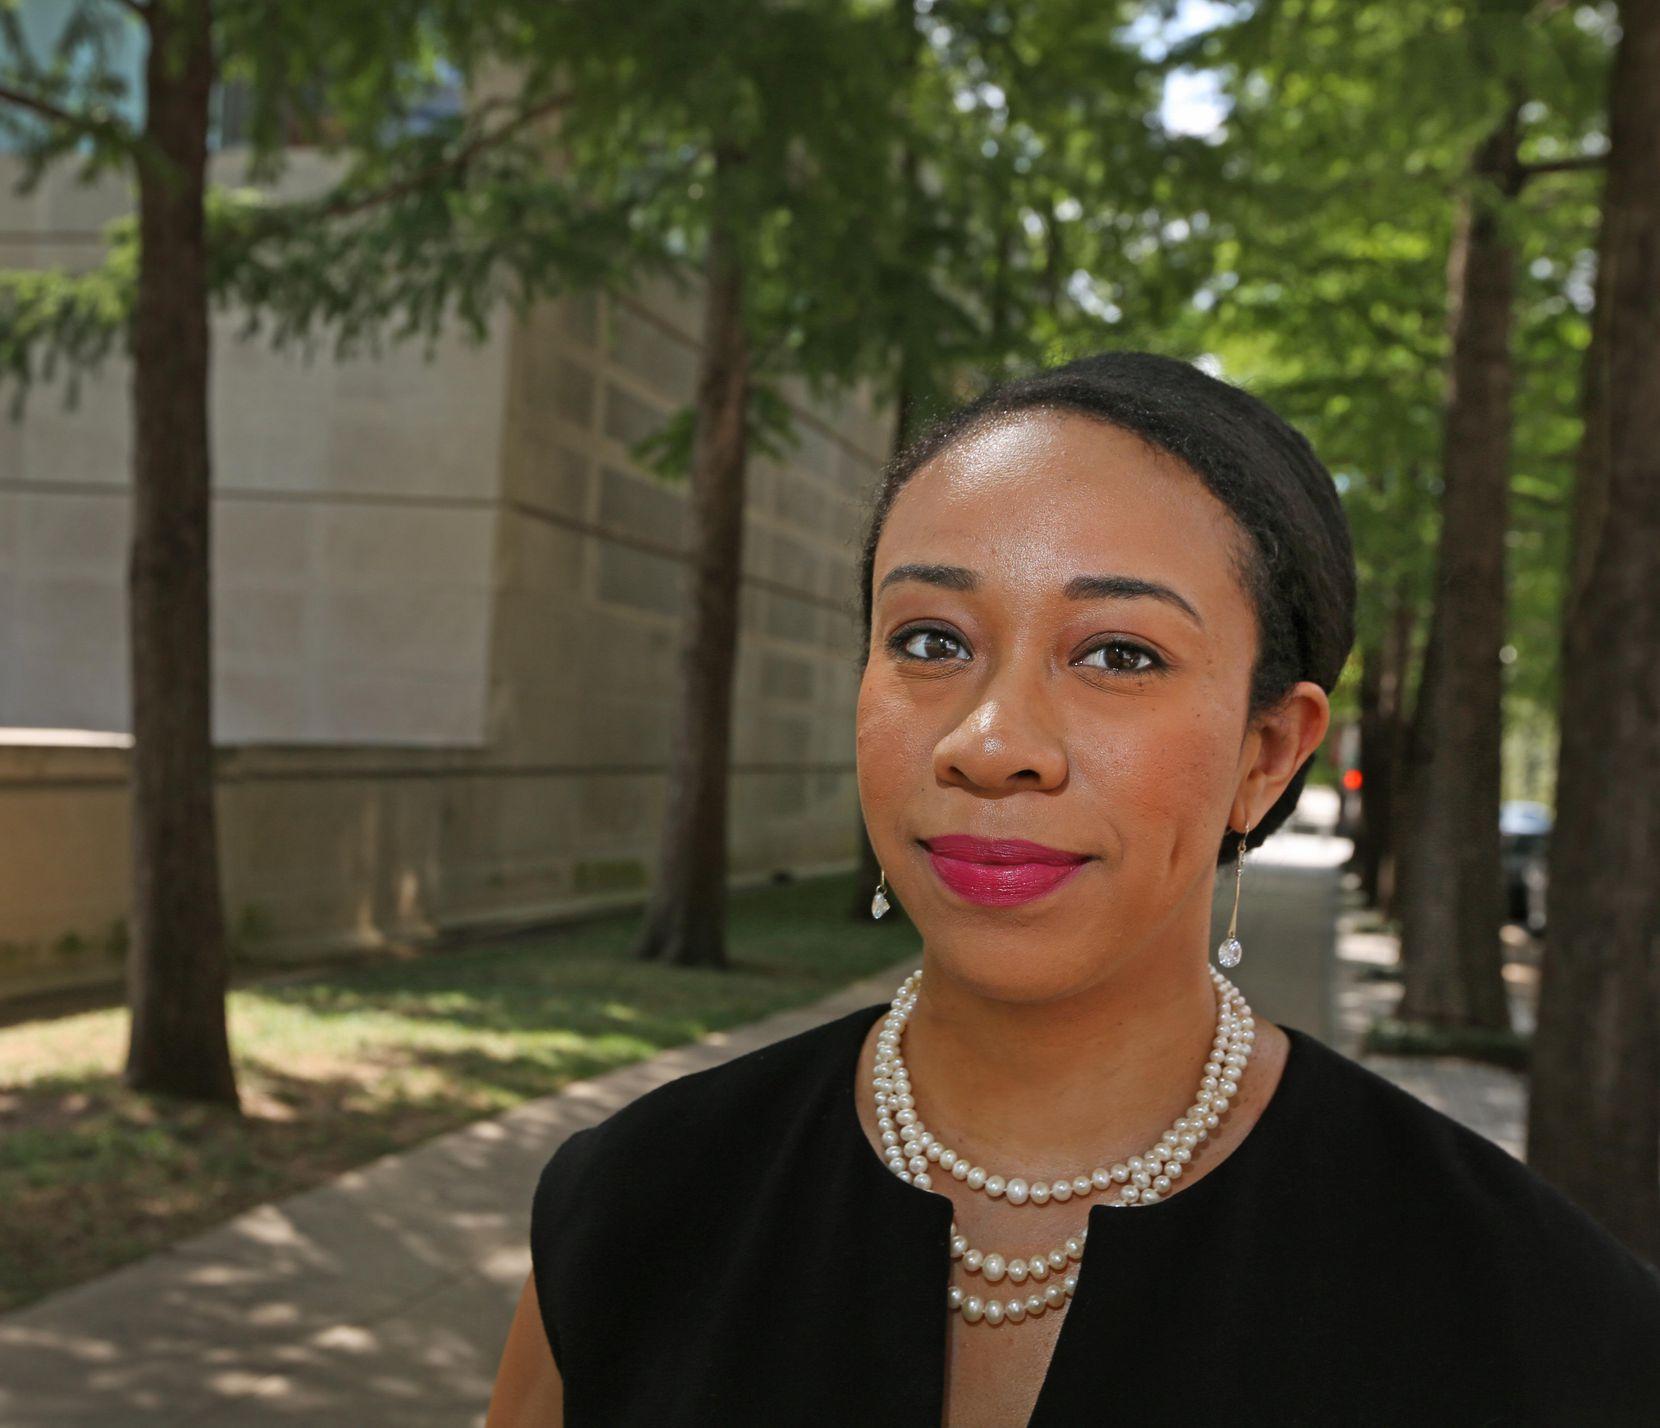 Dominique Torres es parte de Next Generation Network, uno de los grupos que organizó la marcha. Fue candidata a concejal en mayo.